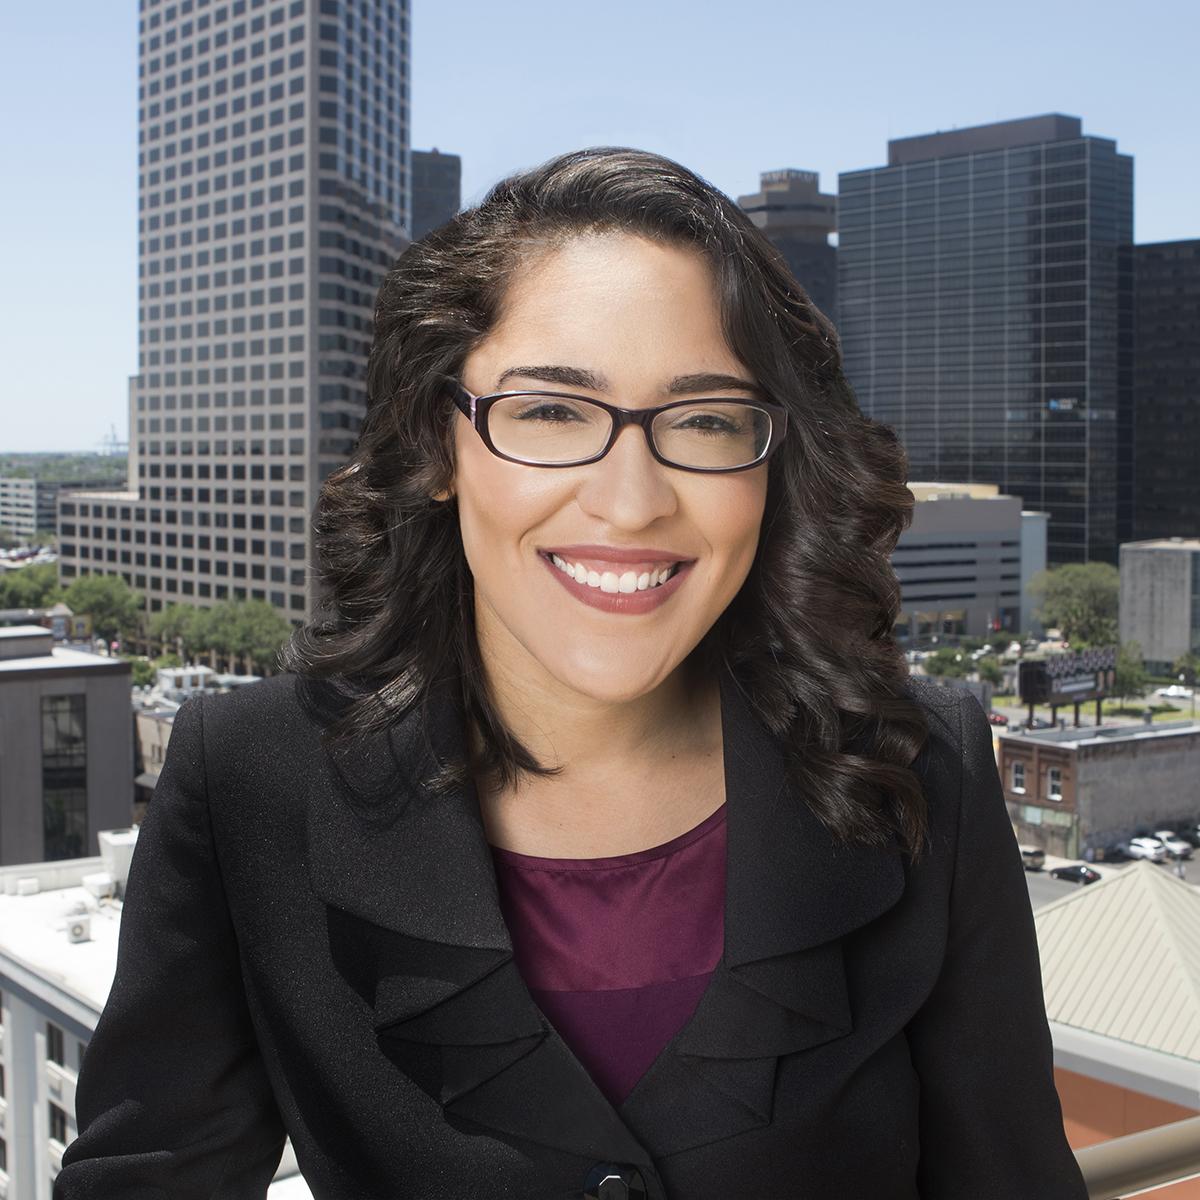 Kira Marrero